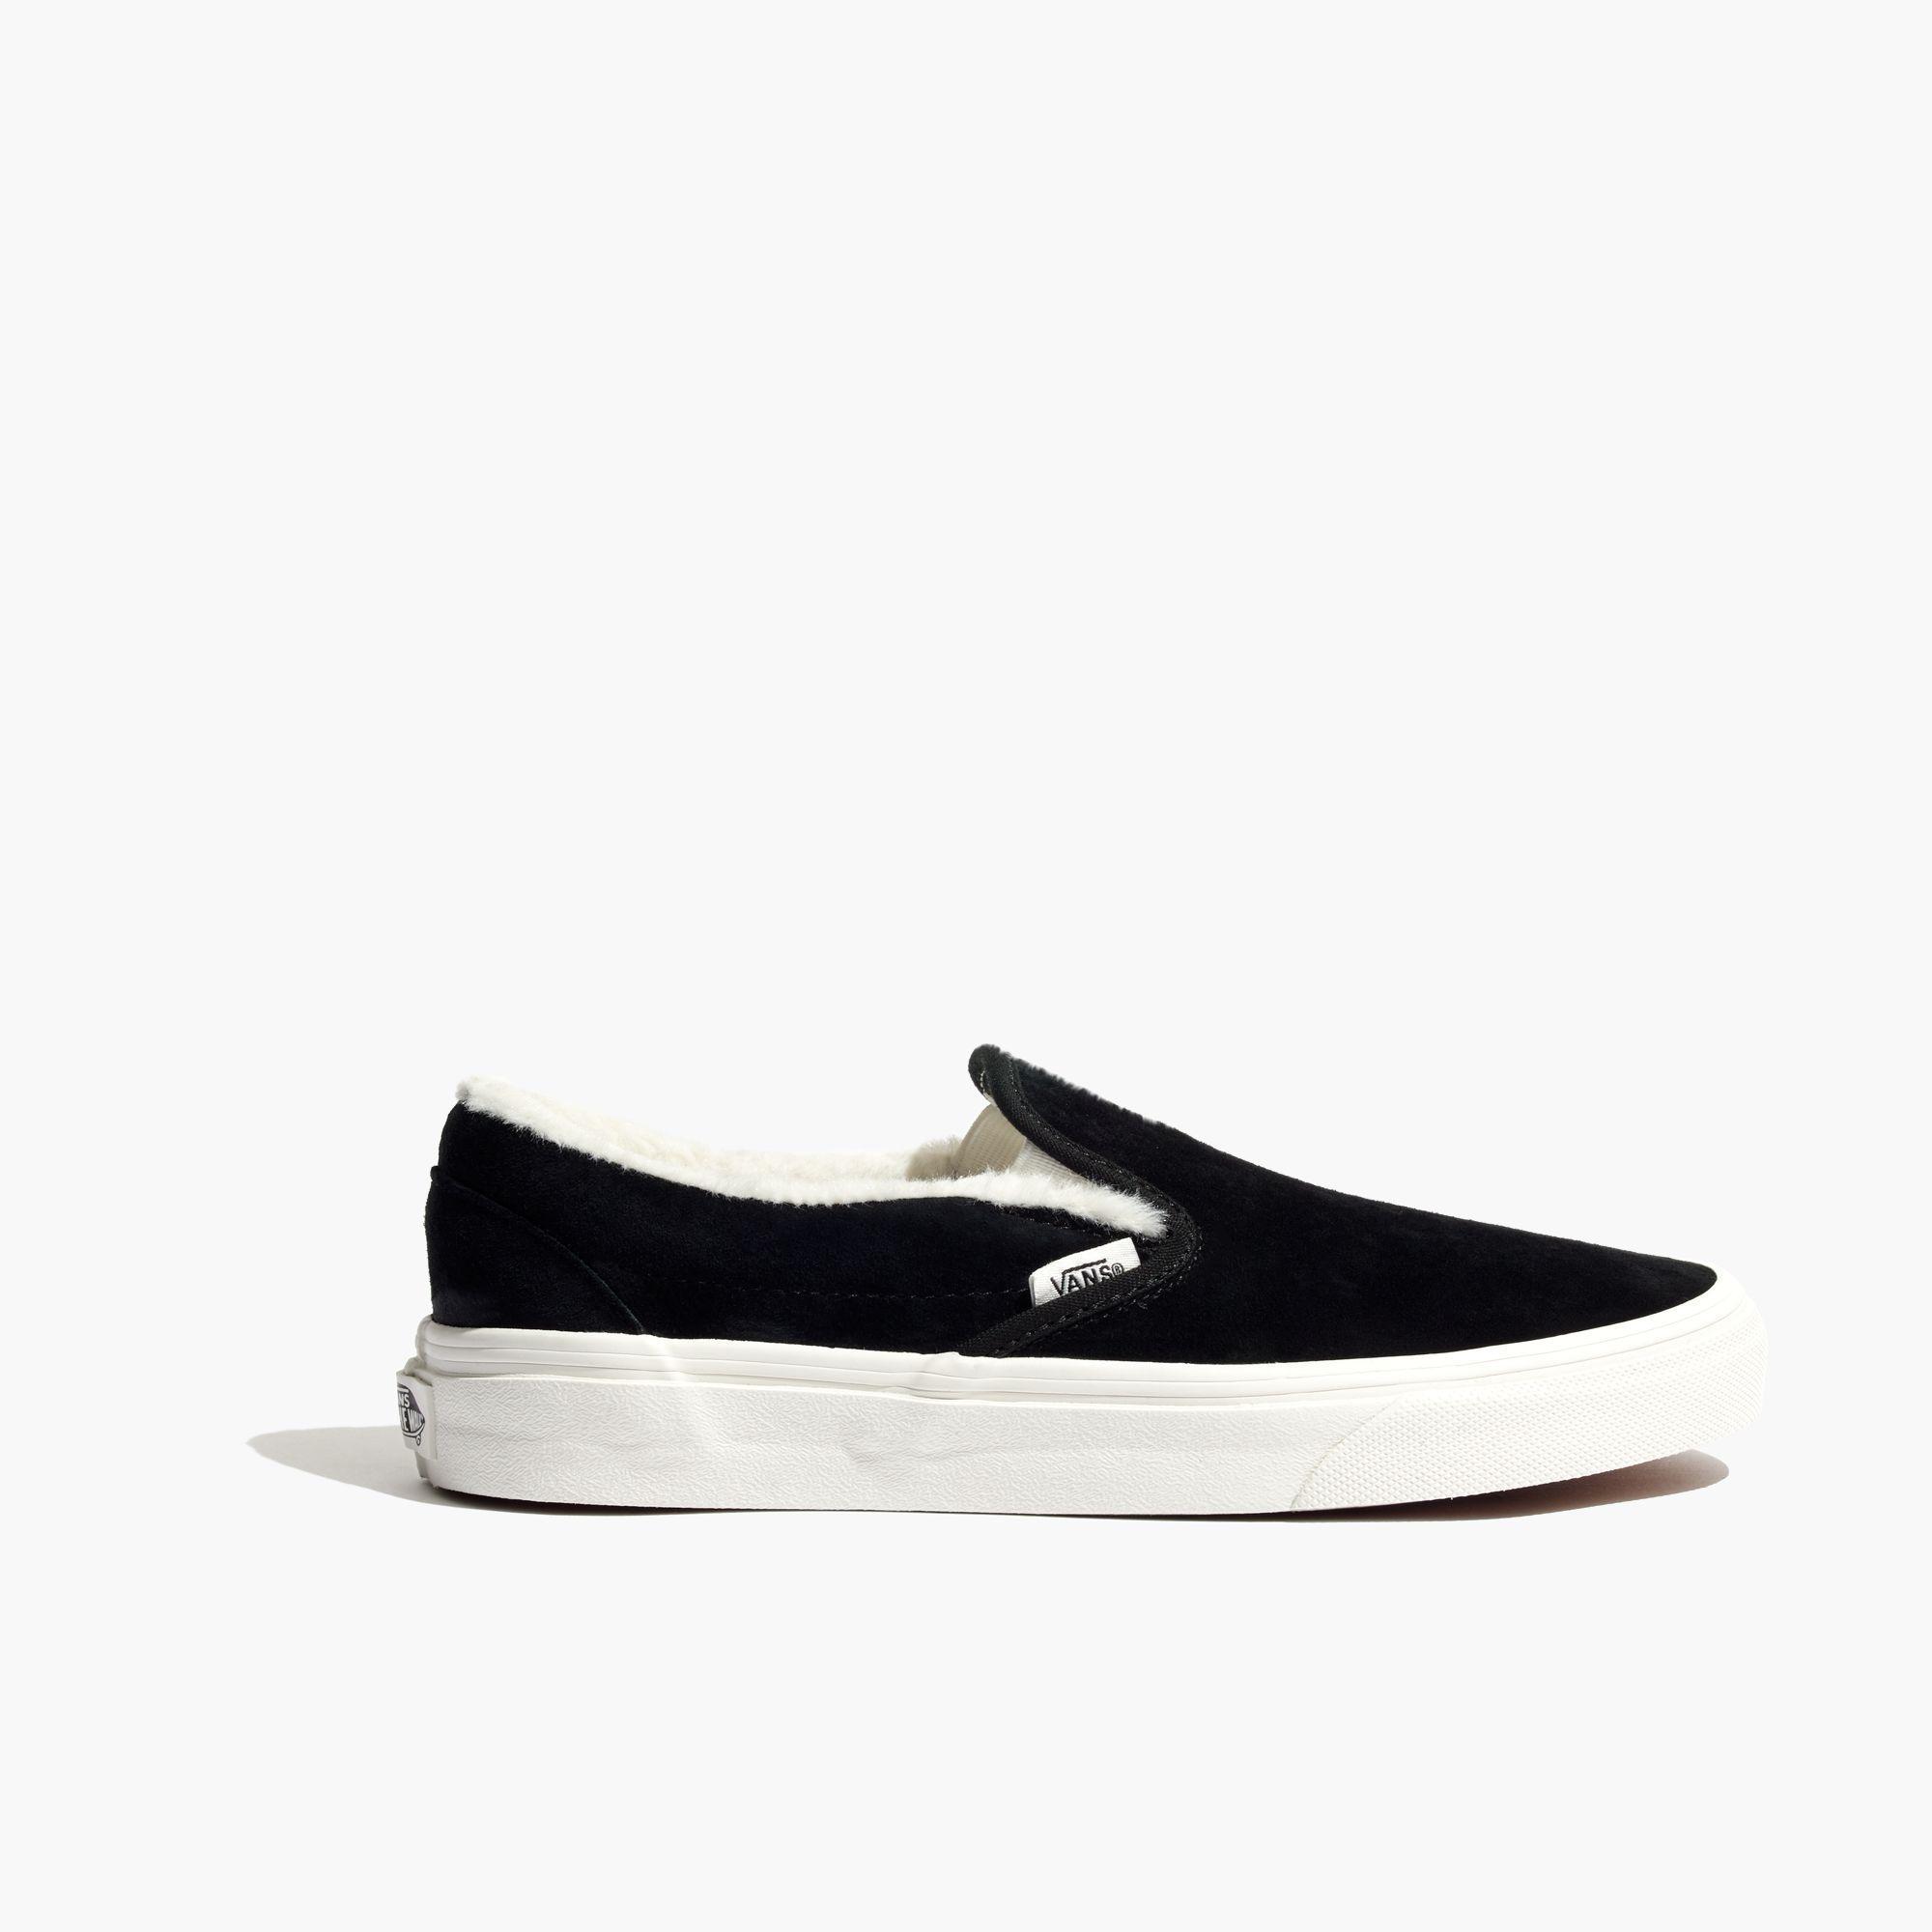 35b35831c65232 Madewell Vans® Unisex Weatherized Suede Slip-on Sneakers .